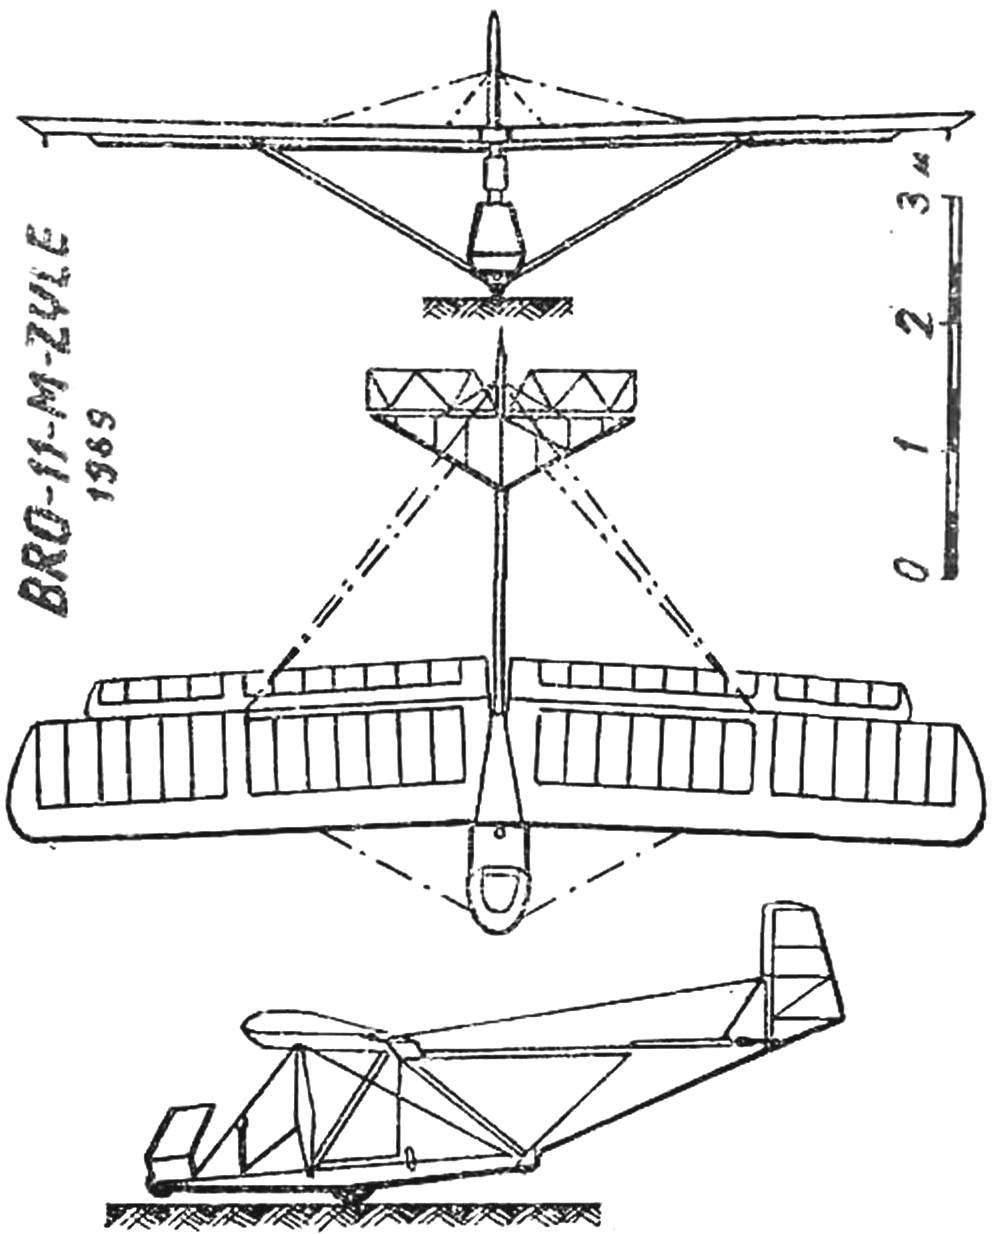 Рис. 6. Учебный планер конструкции Б. Ошкиниса. БРО-11-М «Зиле» («Синица»).